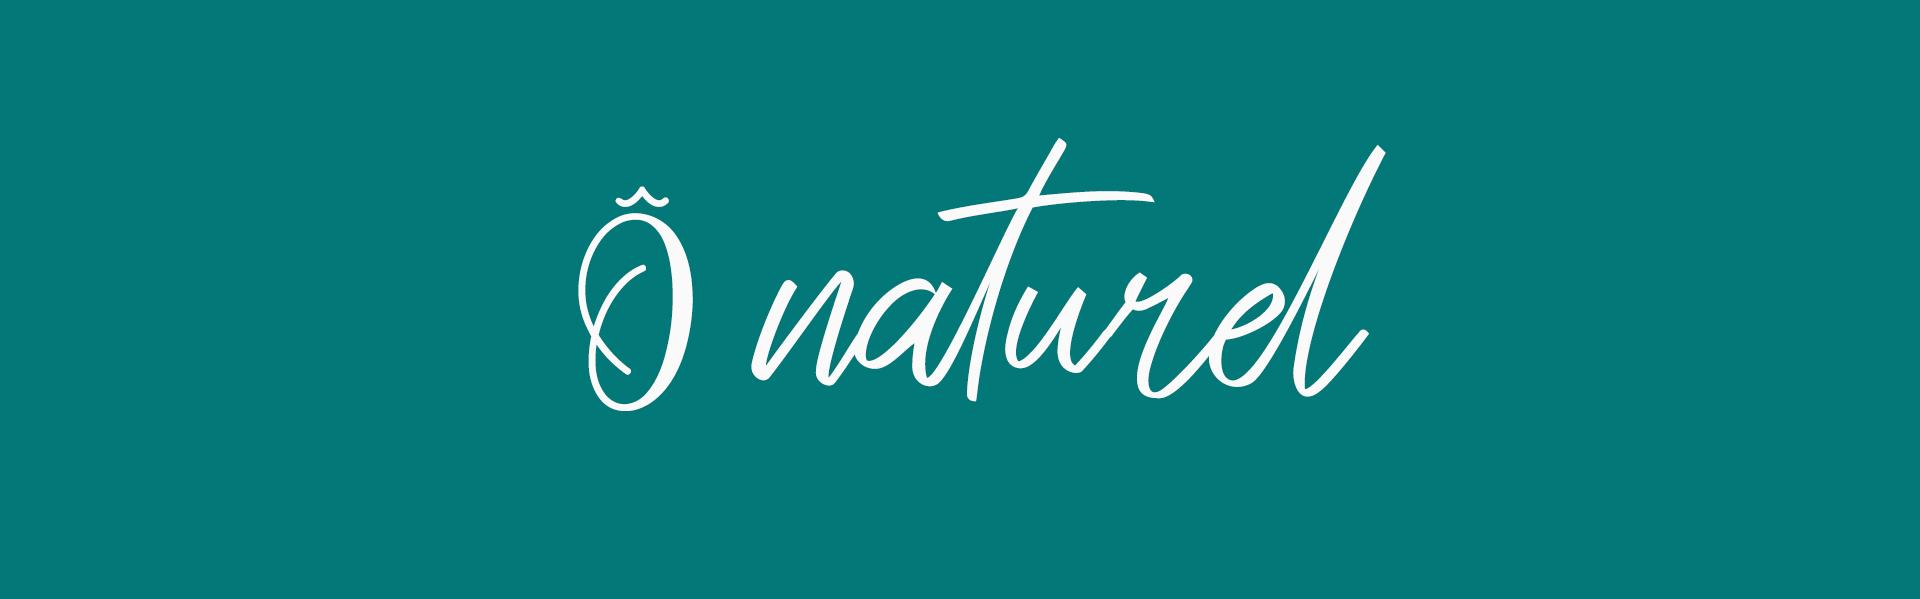 o naturel